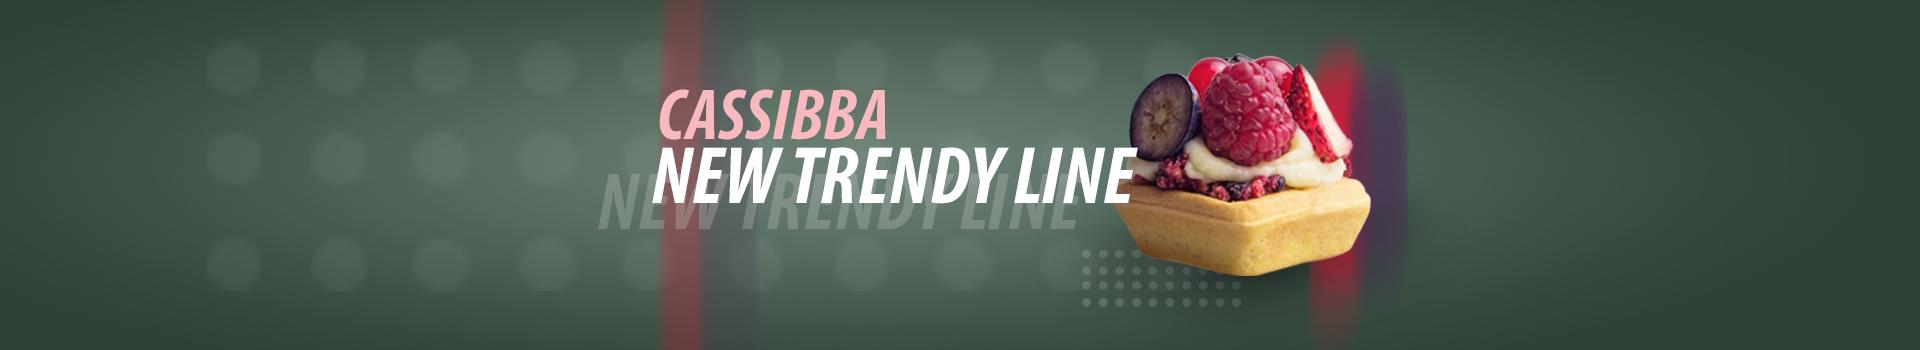 New Trendy Line | Cassibba | Prodotti